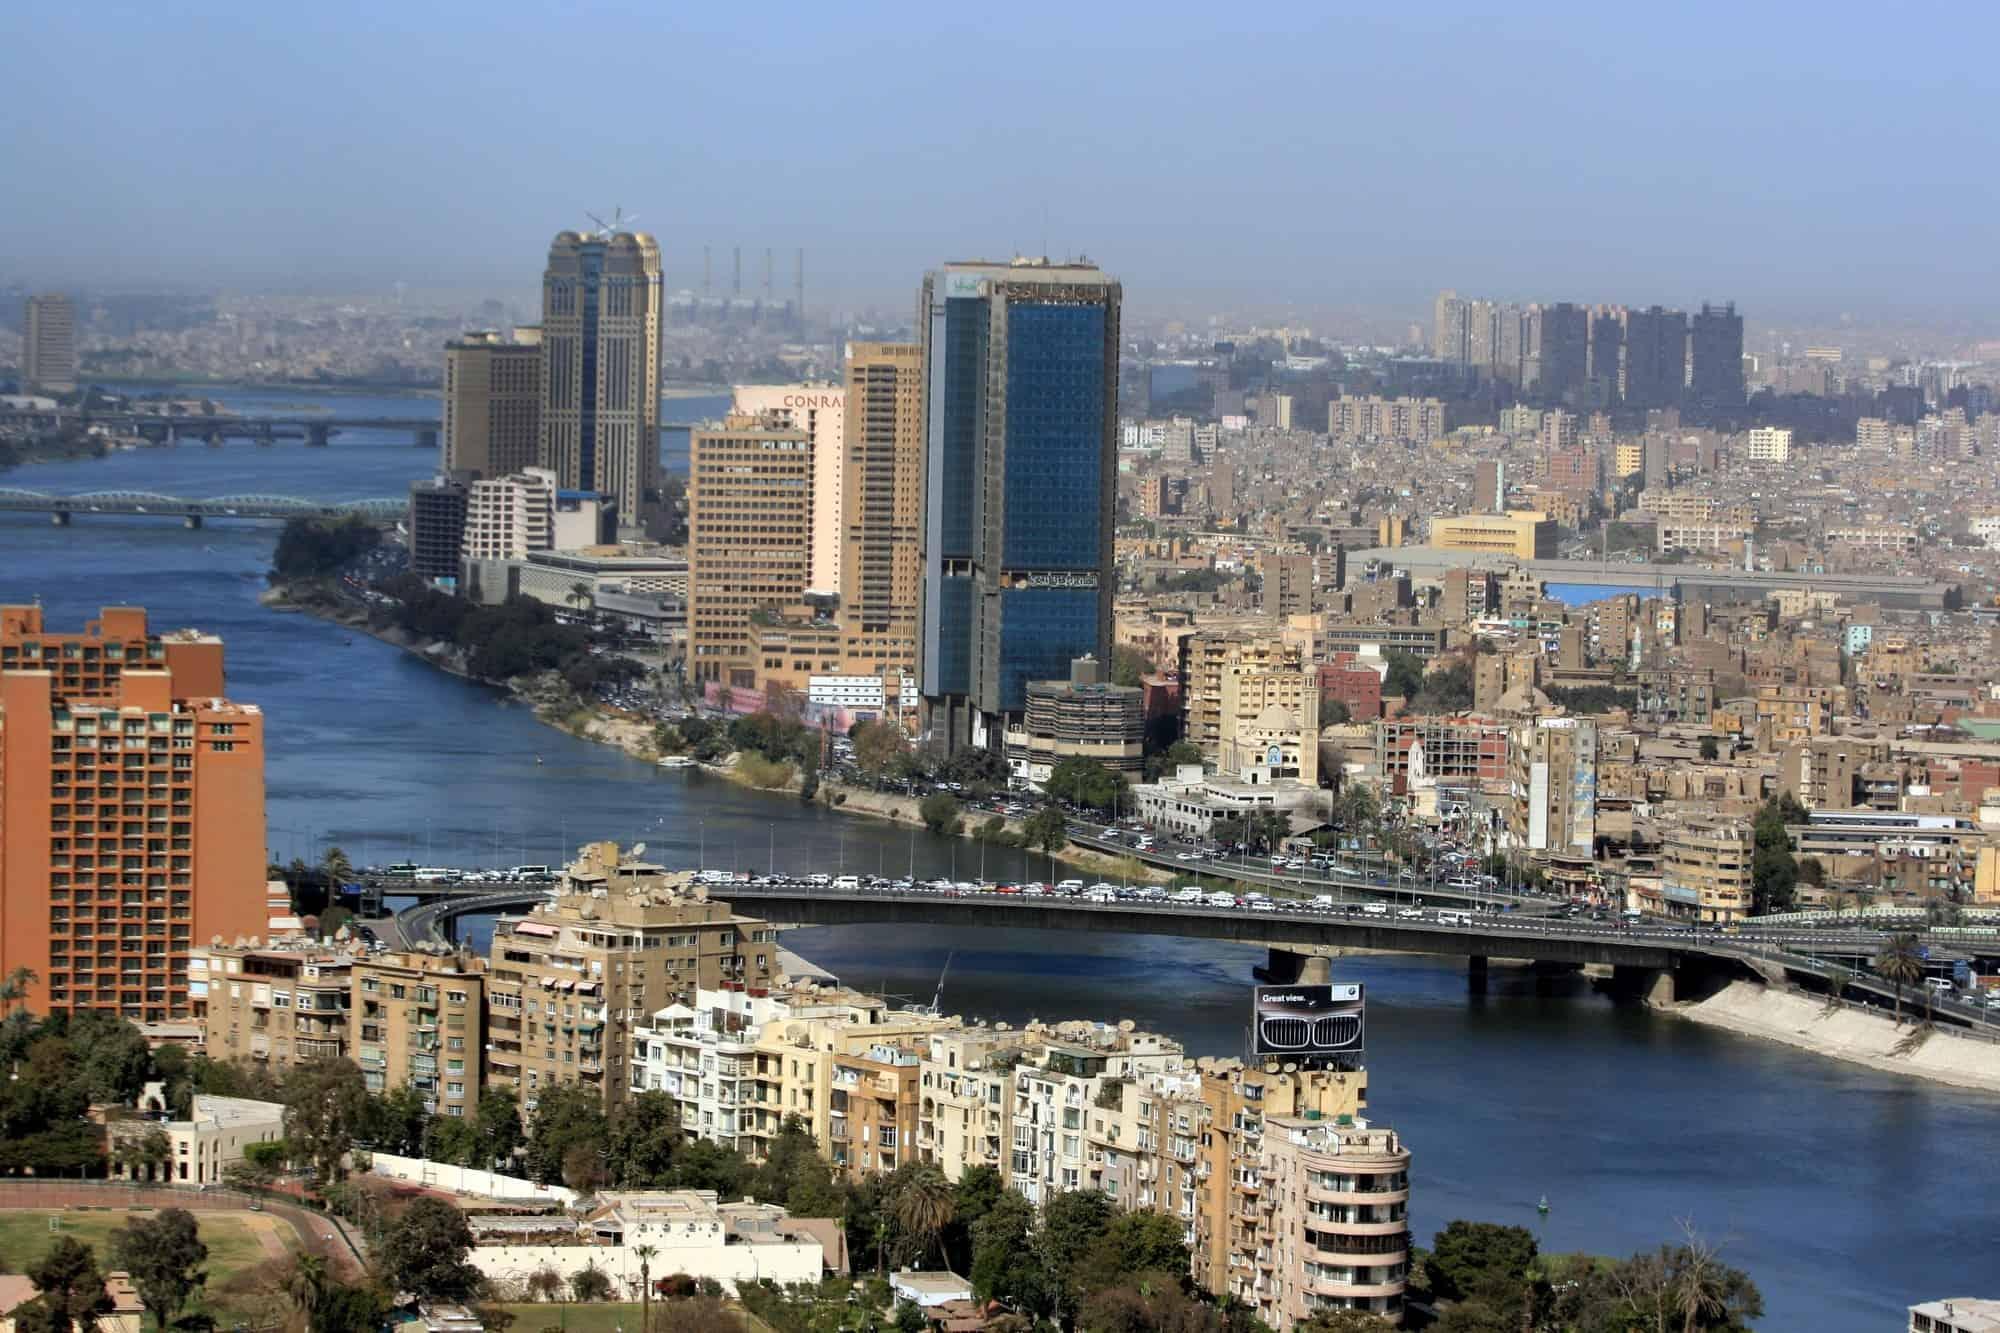 الأرصاد اليوم: طقس لطيف على القاهرة ورياح مثيرة للأتربة على شمال الصعيد